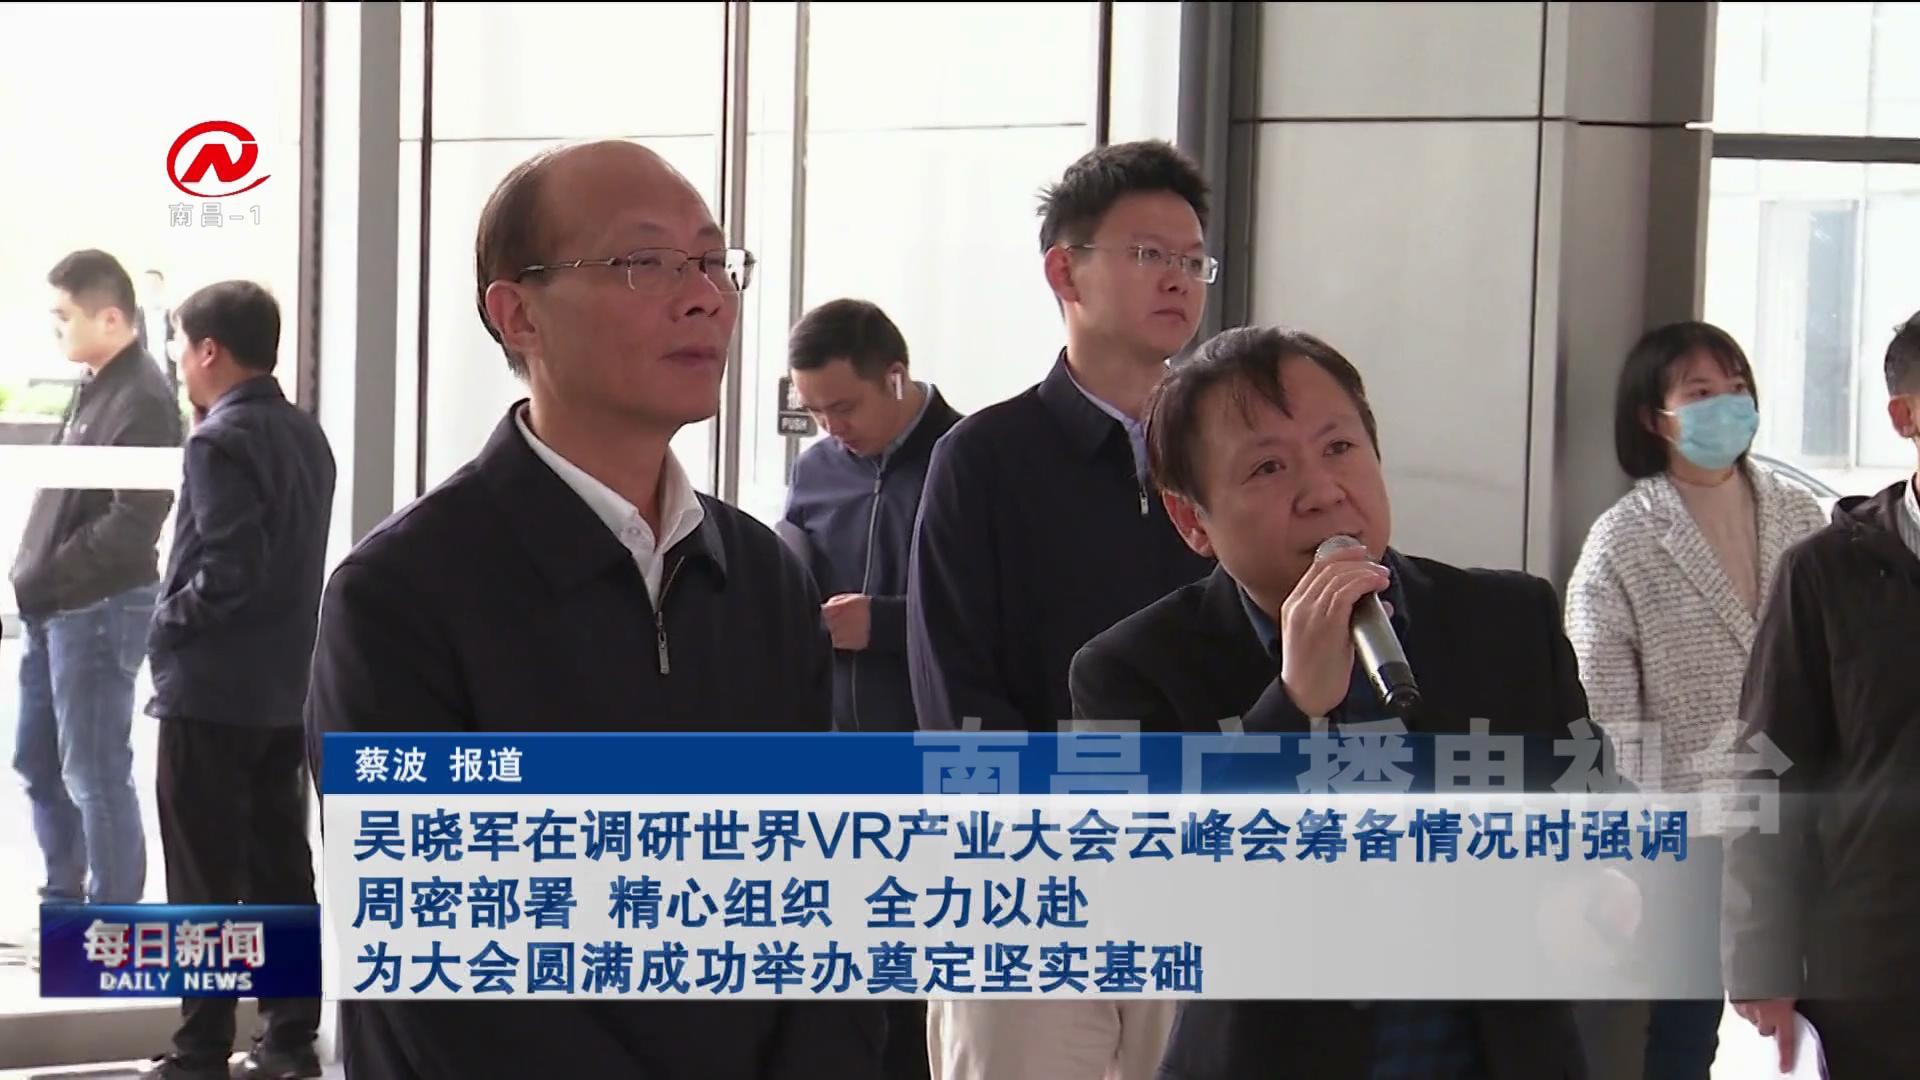 吴晓军在调研世界VR产业大会云峰会筹备情况时强调 周密部署 精心组织 全力以赴 为大会圆满成功举办奠定坚实基础